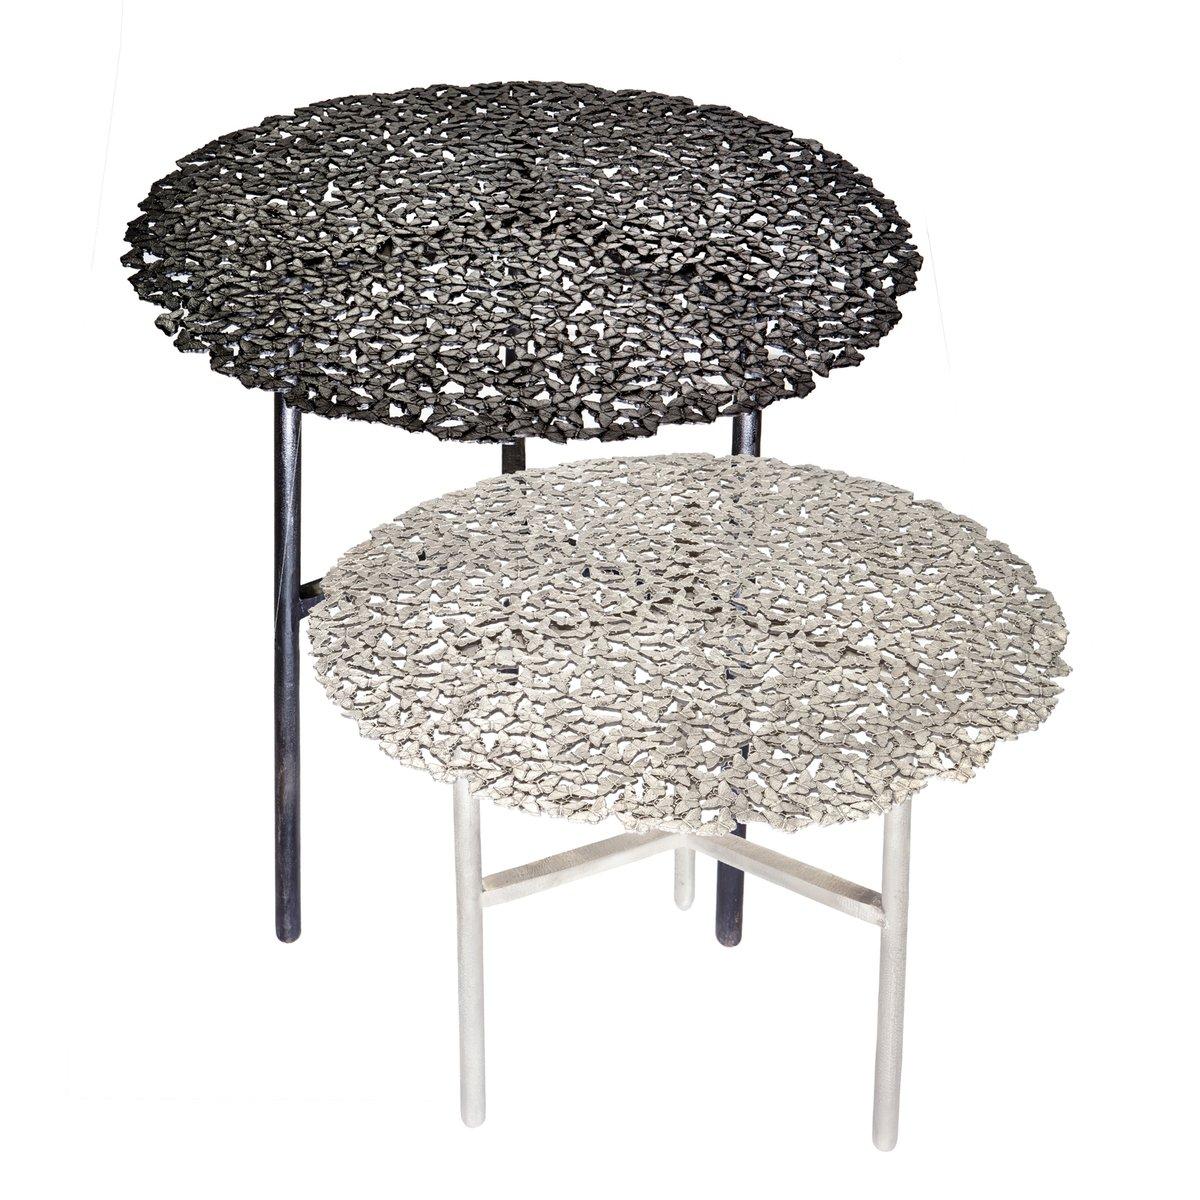 table d 39 appoint d 39 int rieur ou d 39 ext rieur jean cast butterfly en laiton noir i par fred juul. Black Bedroom Furniture Sets. Home Design Ideas